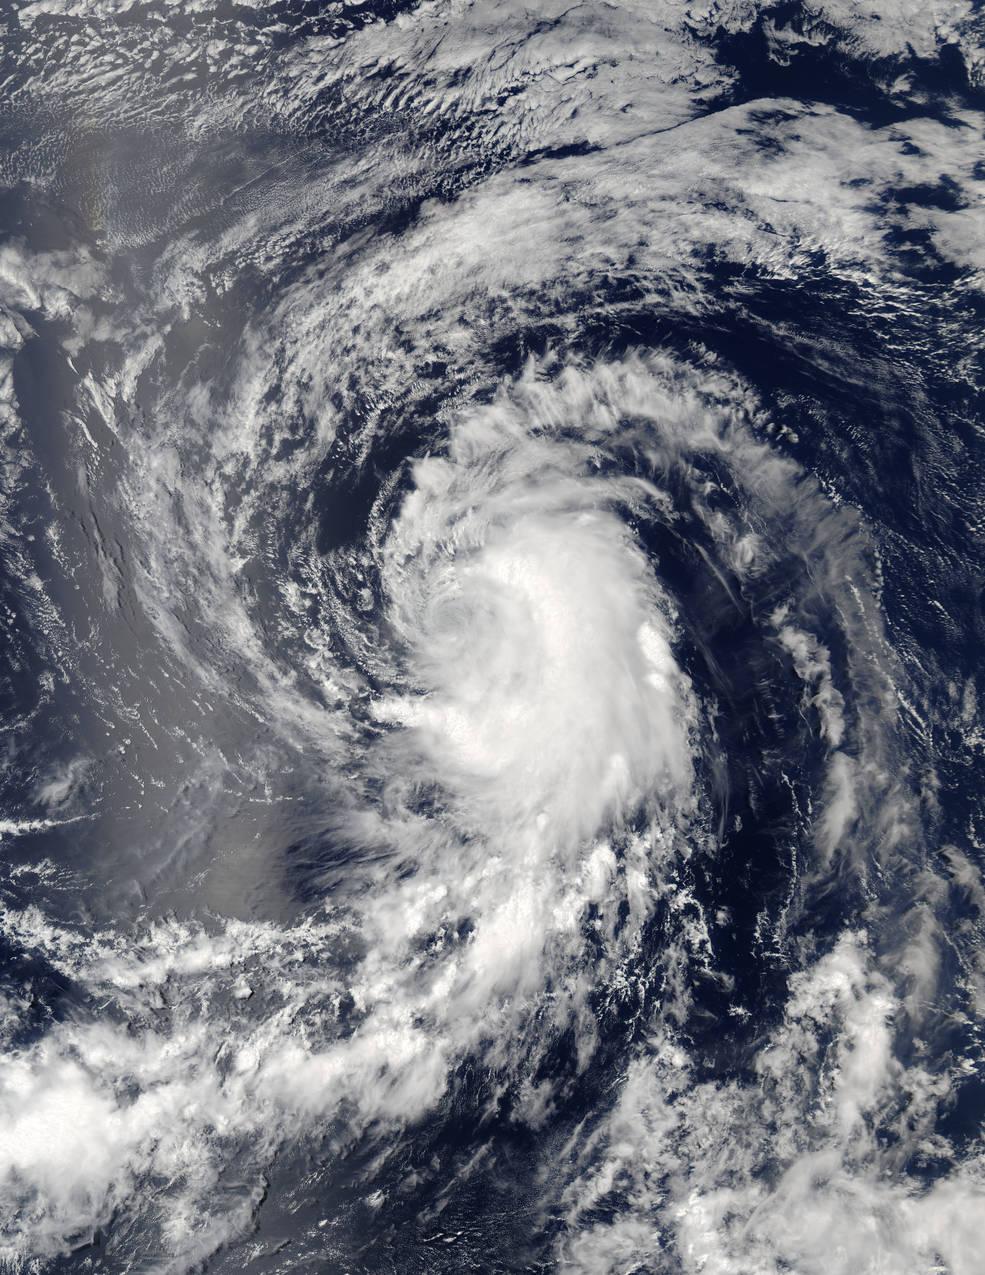 NASA's Spots Extra-Tropical Cyclone Conson in Sea of Okhotsk   NASA